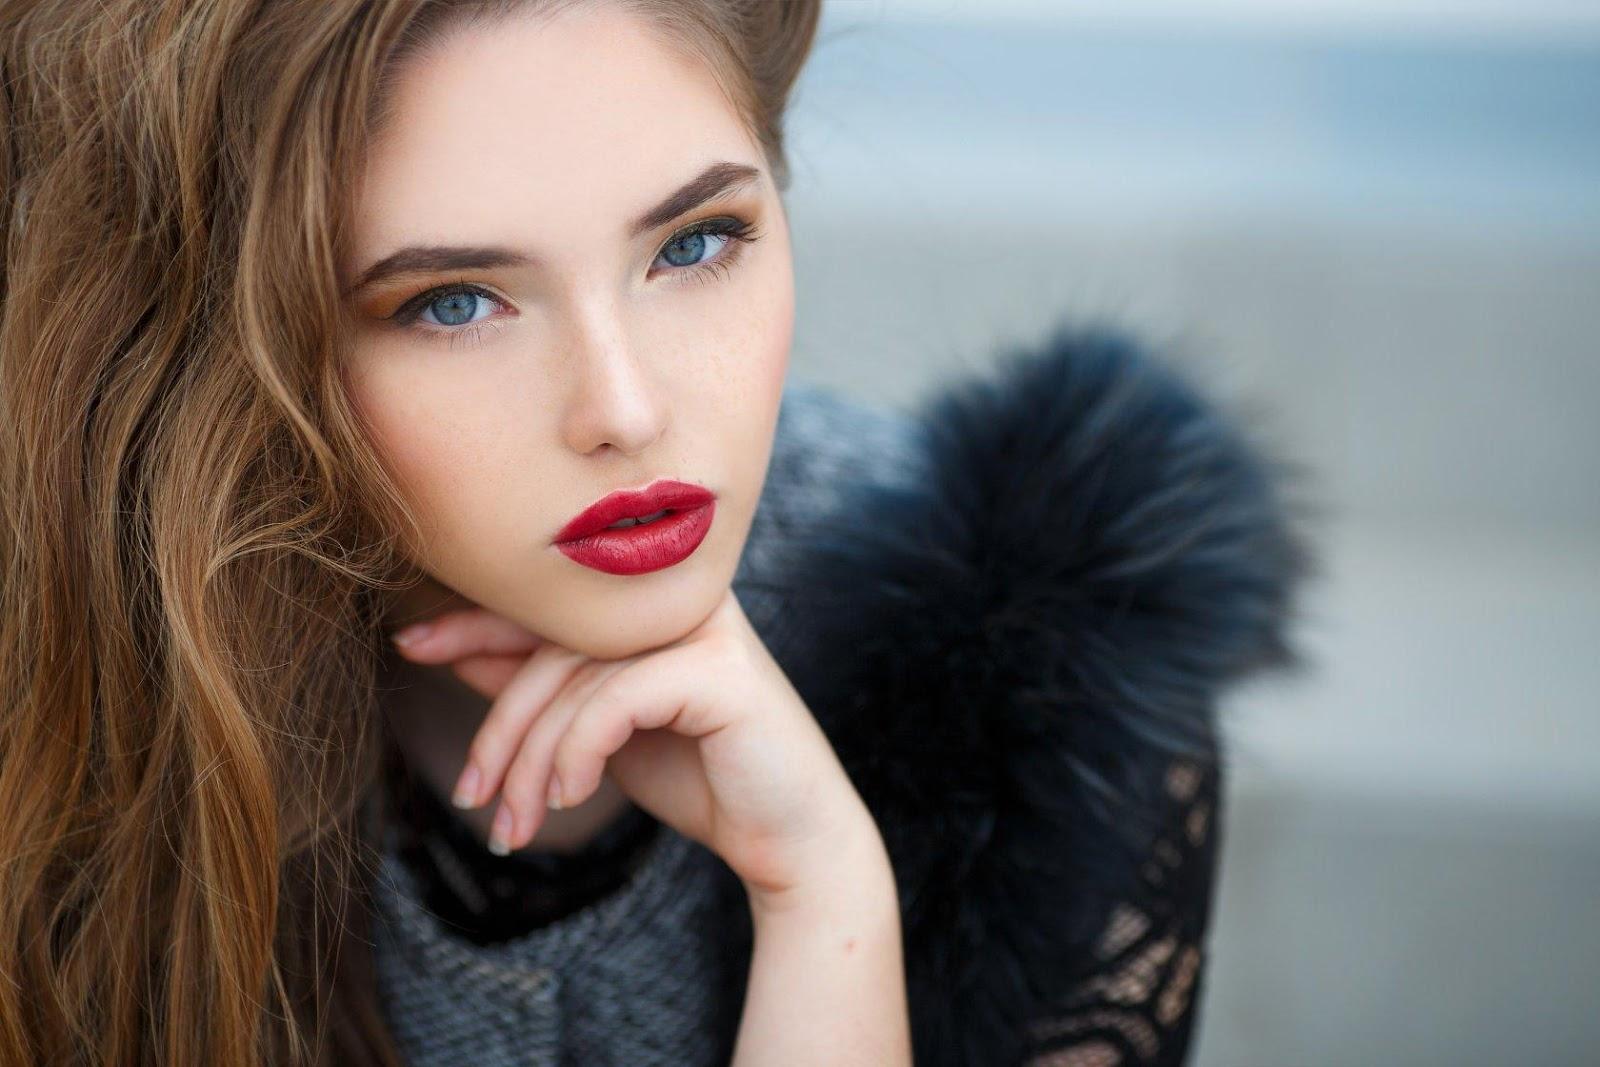 Как сменить имидж девушке - советы от Международной Школы Профессий (СПБШТ)